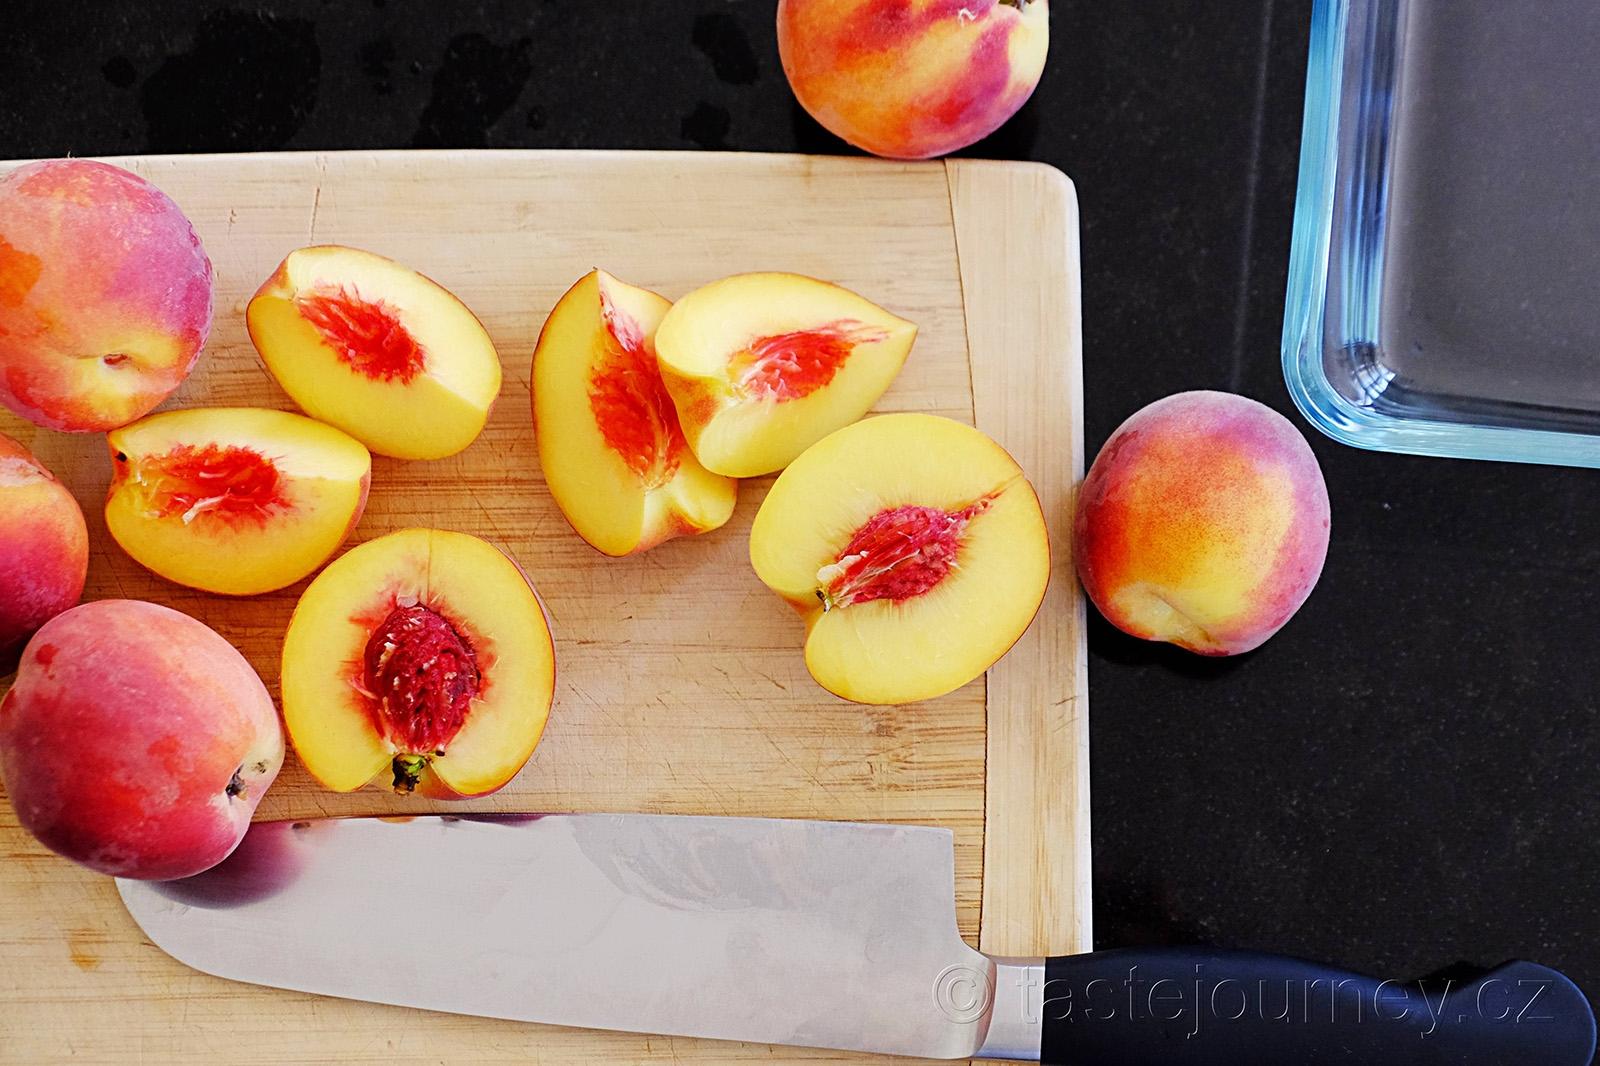 Právě dozrálé broskve nebo nektarinky jsou ideální pro tento recept